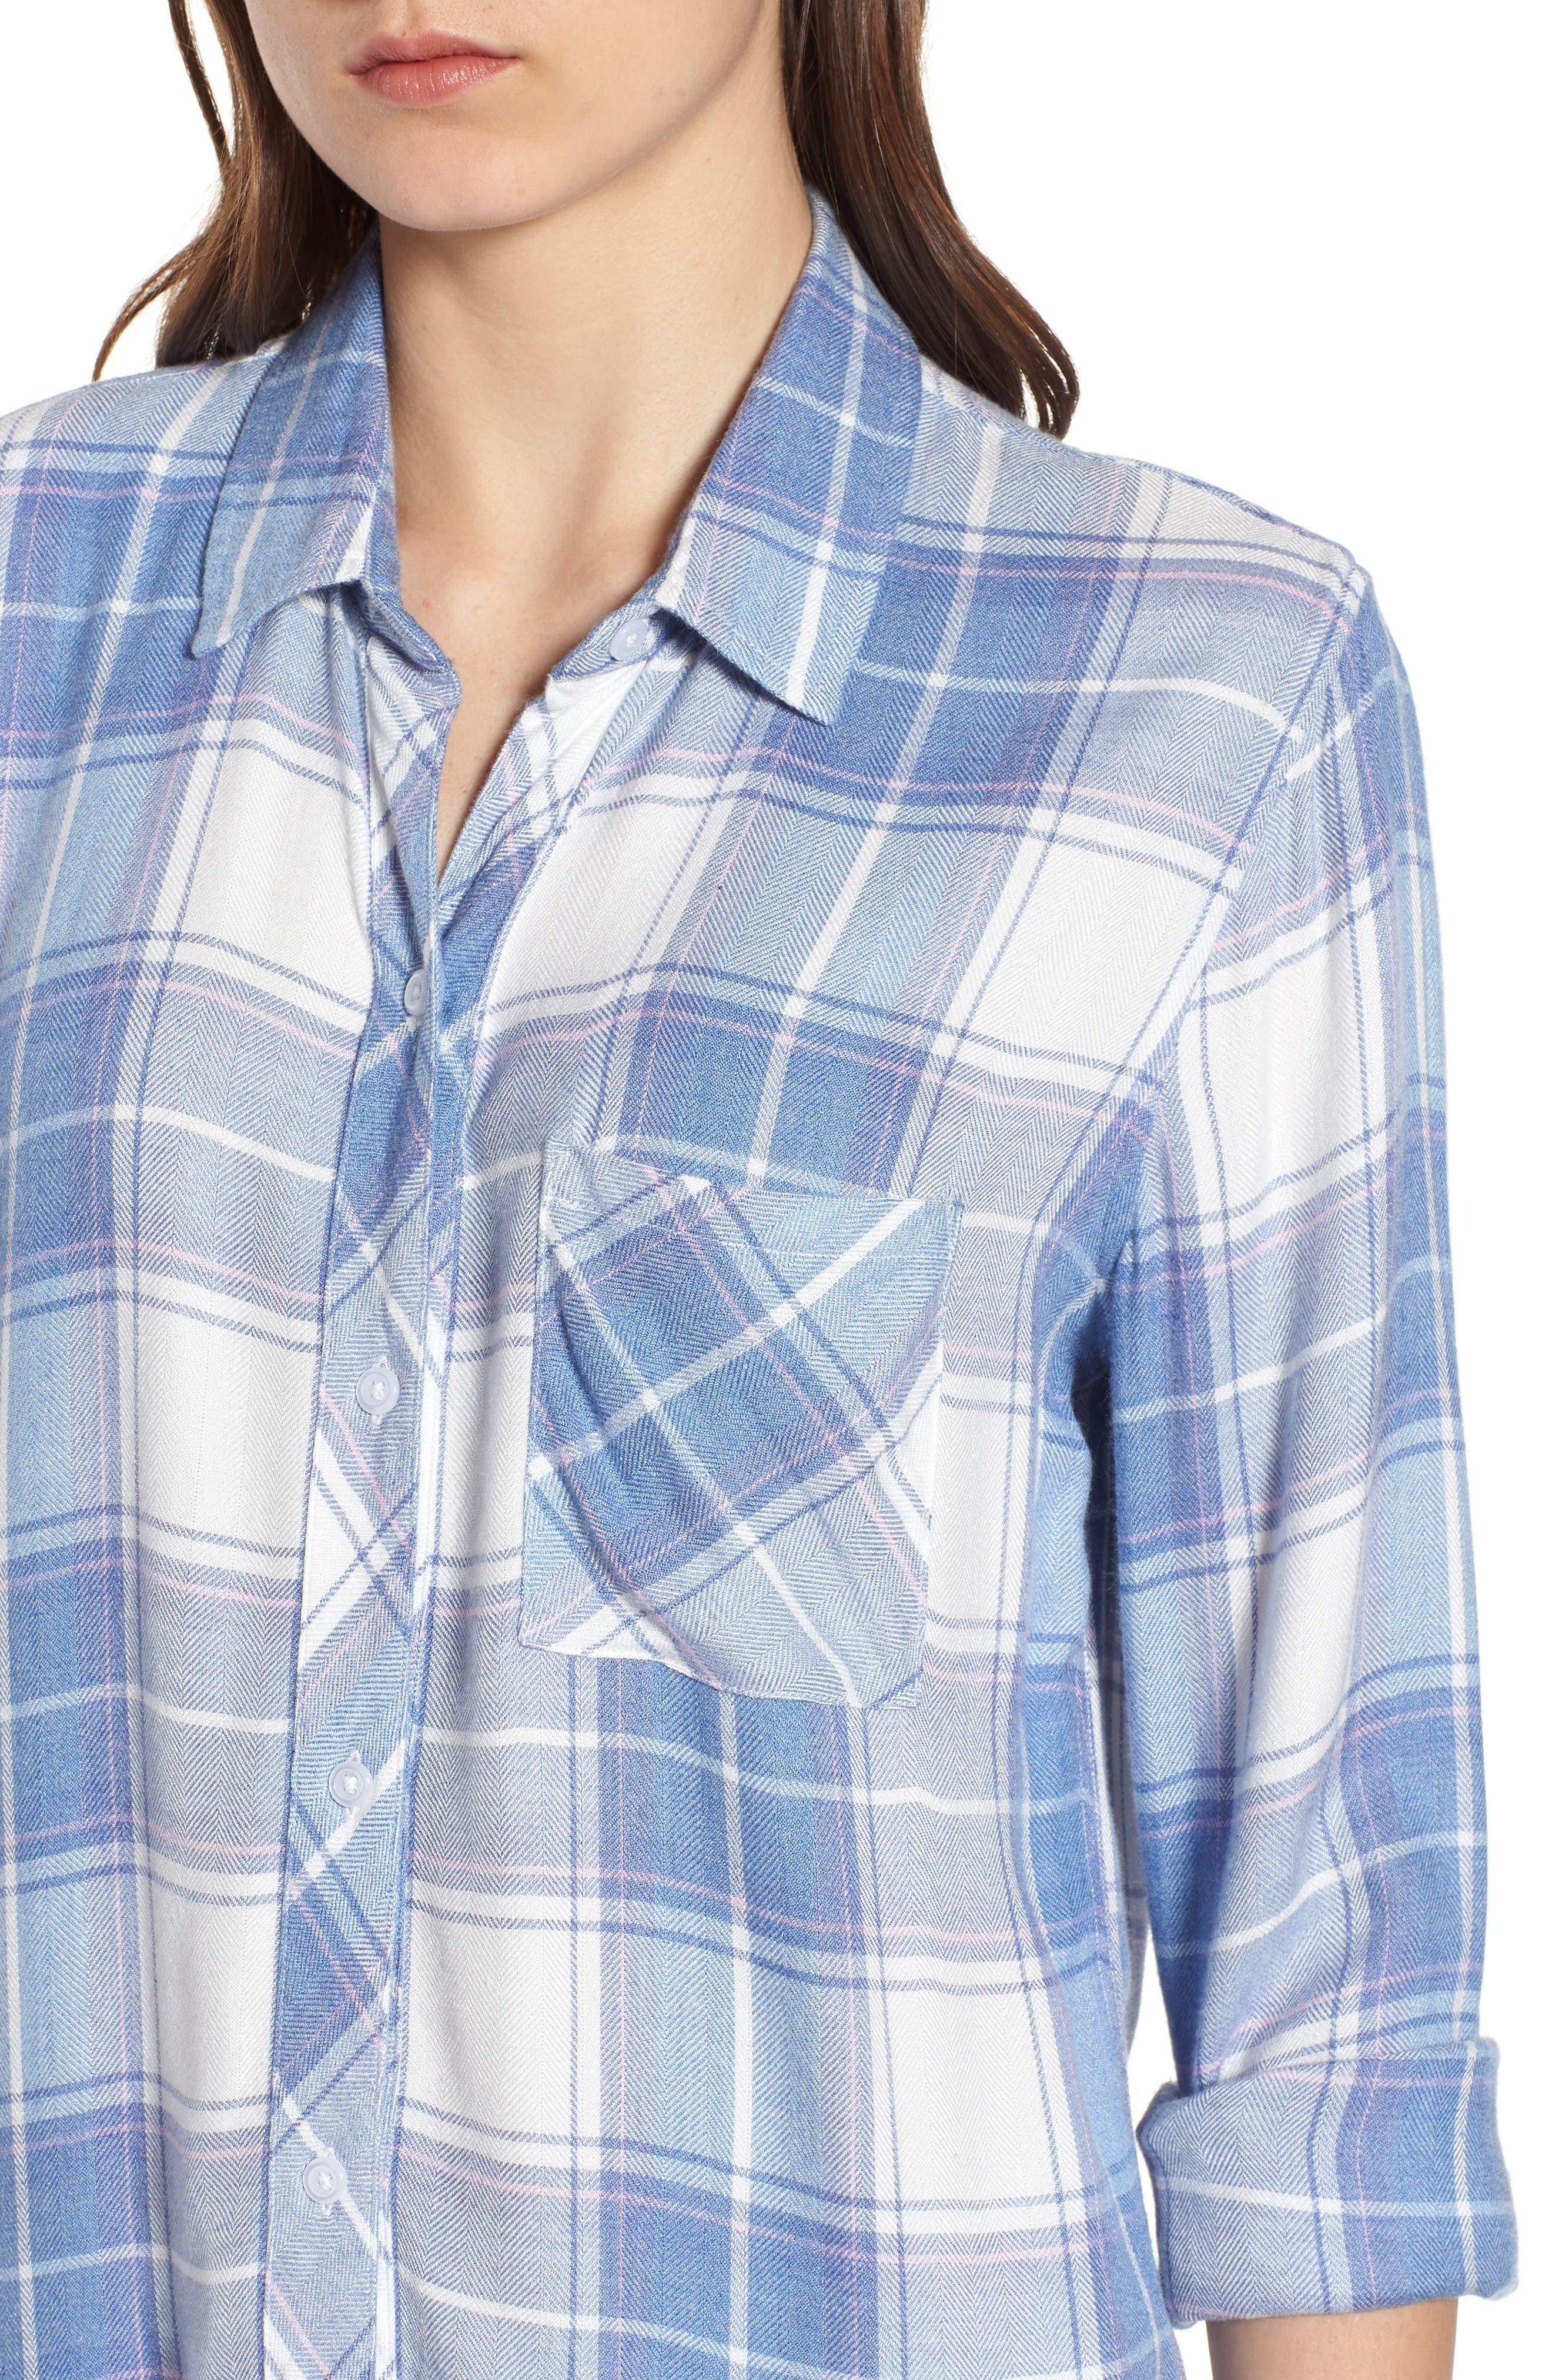 Hunter Plaid Shirt,                             Alternate thumbnail 449, color,